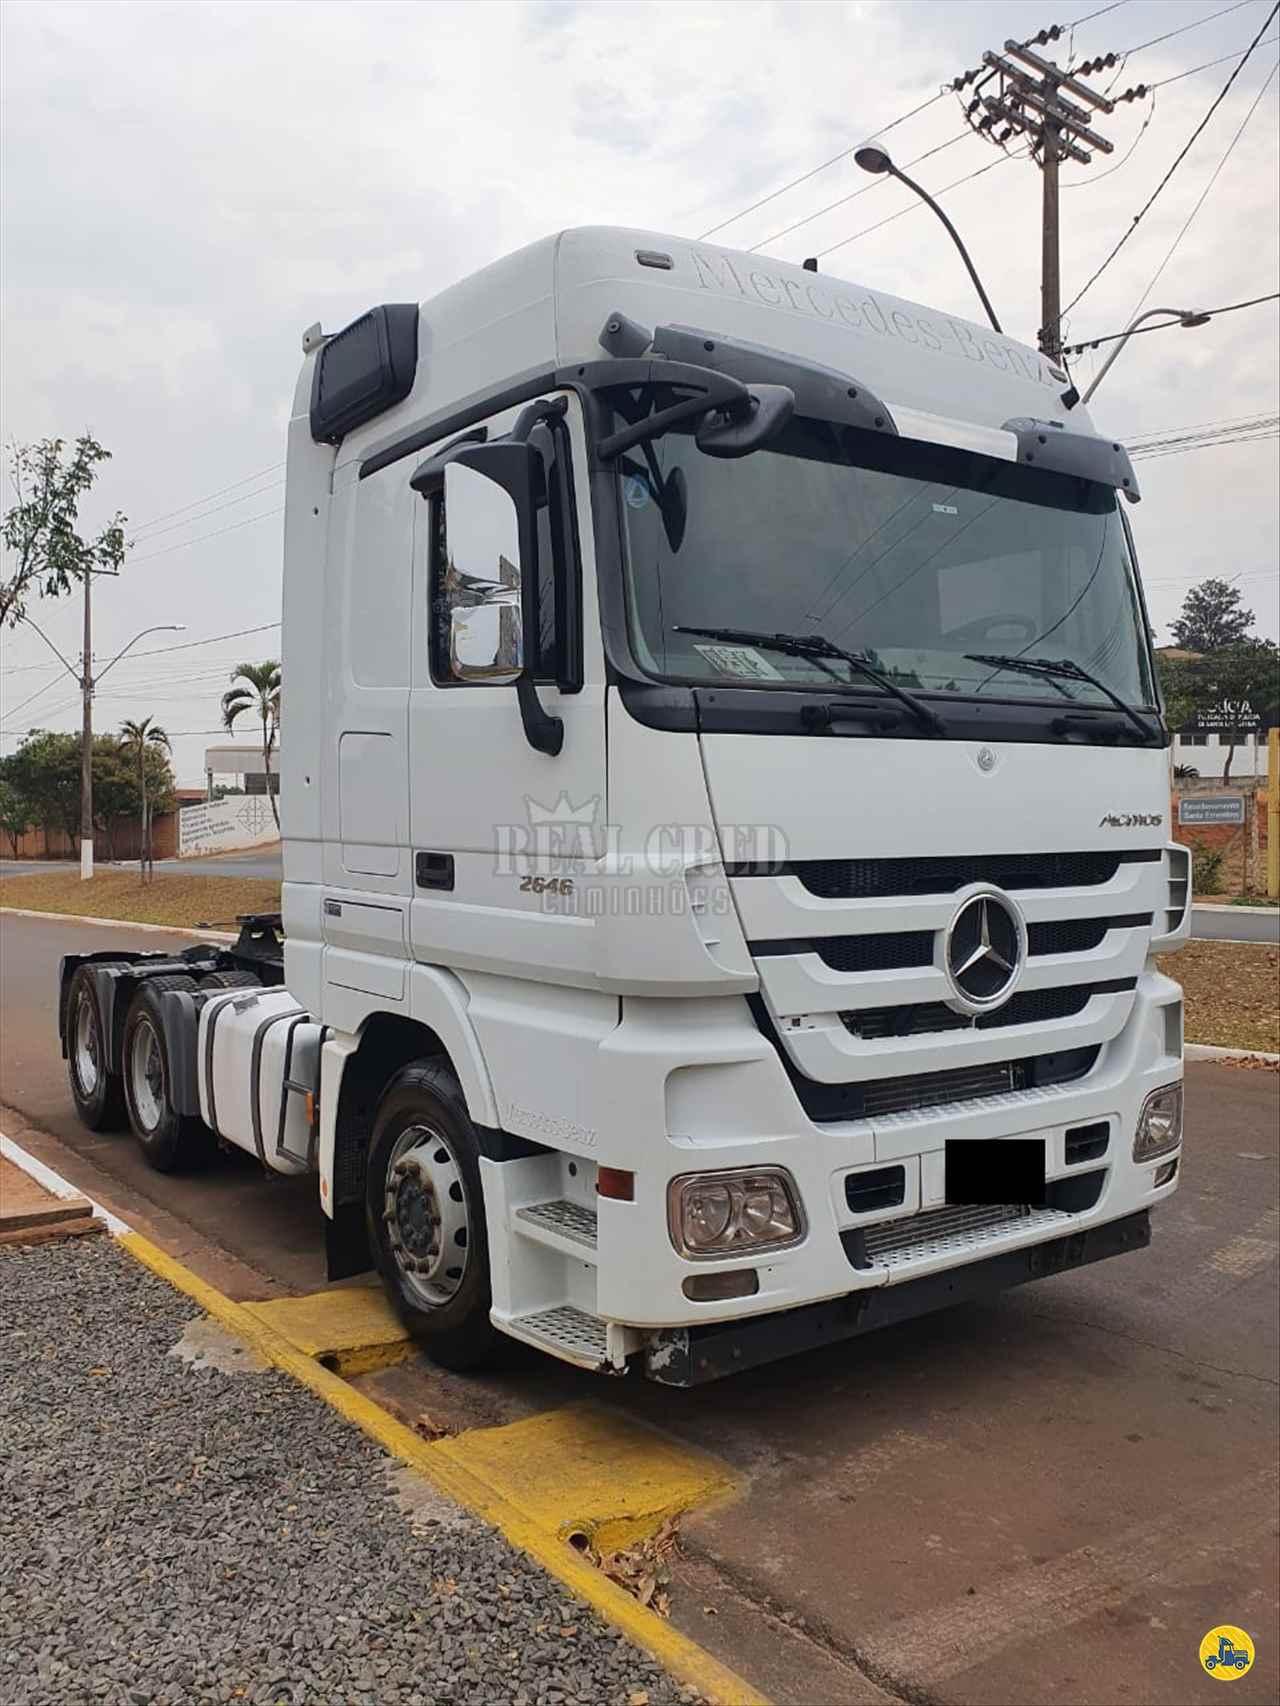 CAMINHAO MERCEDES-BENZ MB 2646 Cavalo Mecânico Traçado 6x4 Real Cred Caminhões PIEDADE SÃO PAULO SP